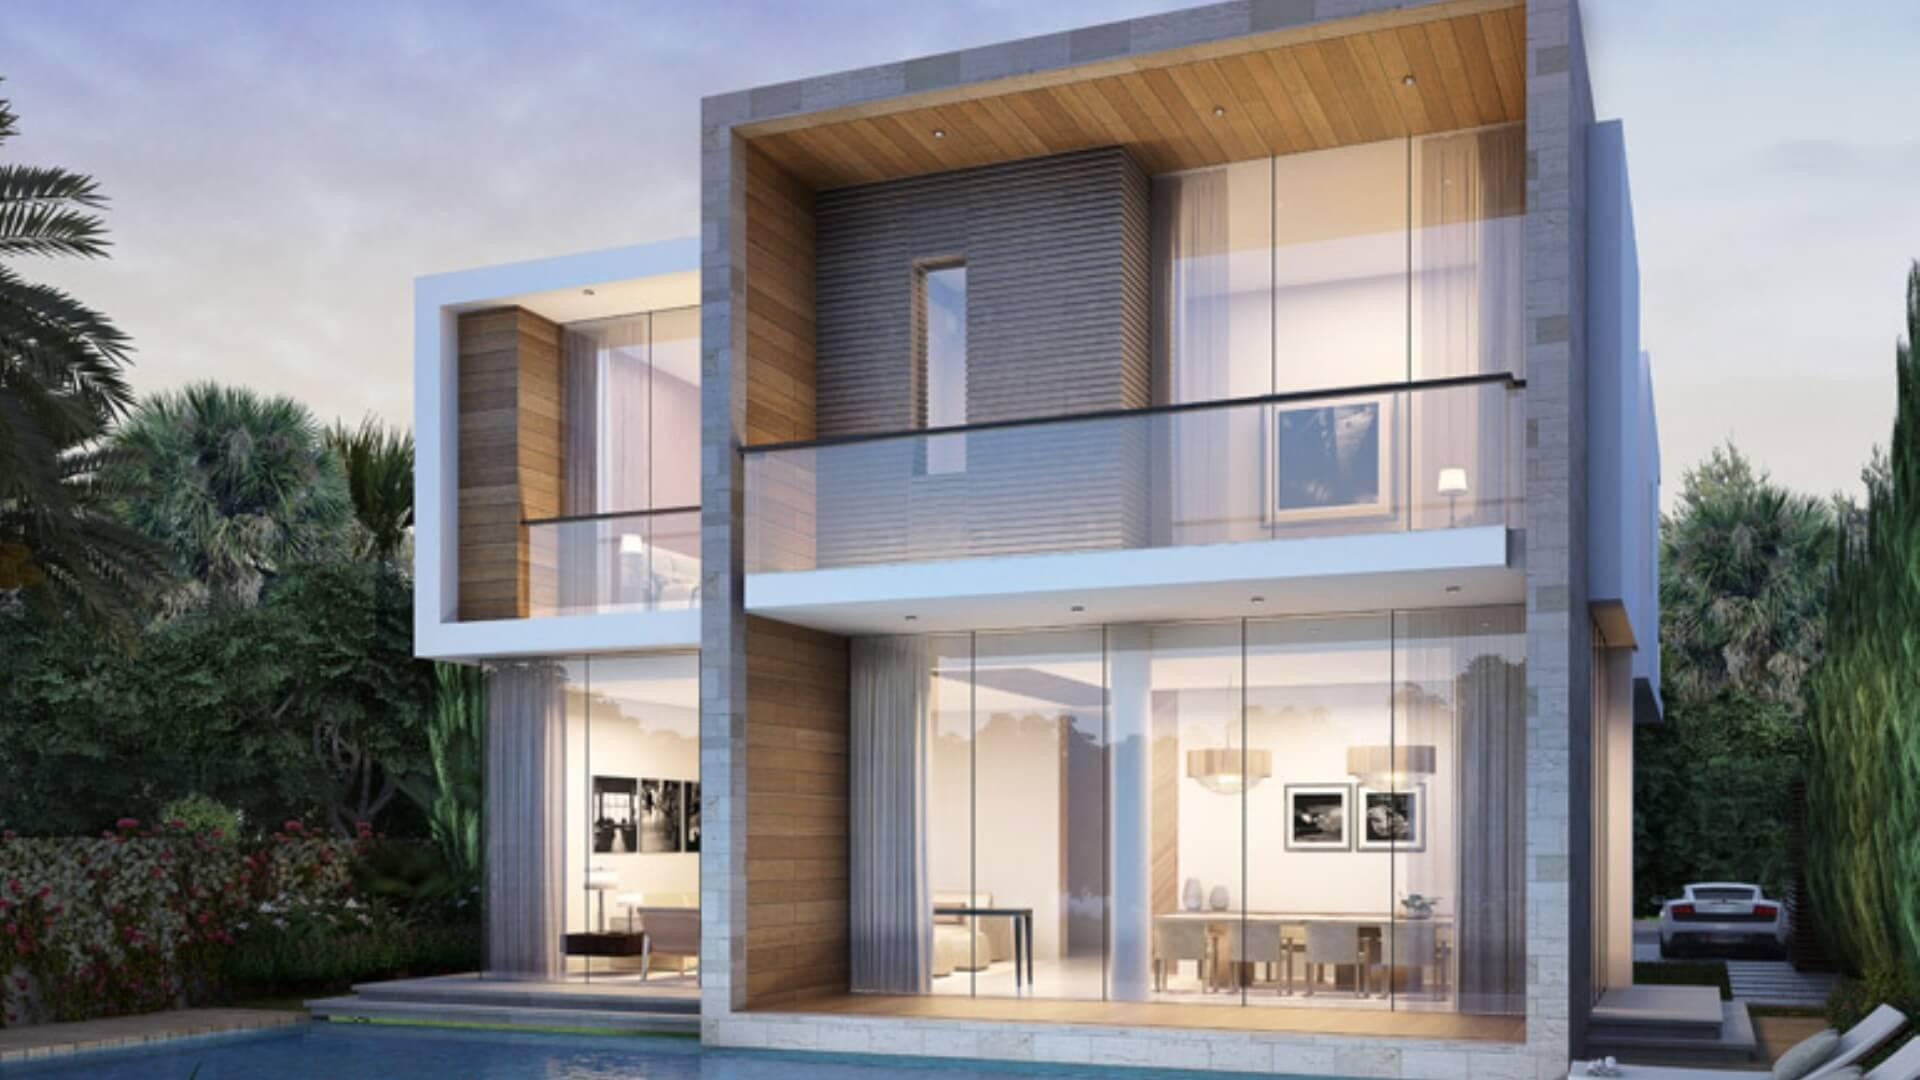 Villa en venta en Dubai, EAU, 5 dormitorios, 400 m2, № 24525 – foto 1